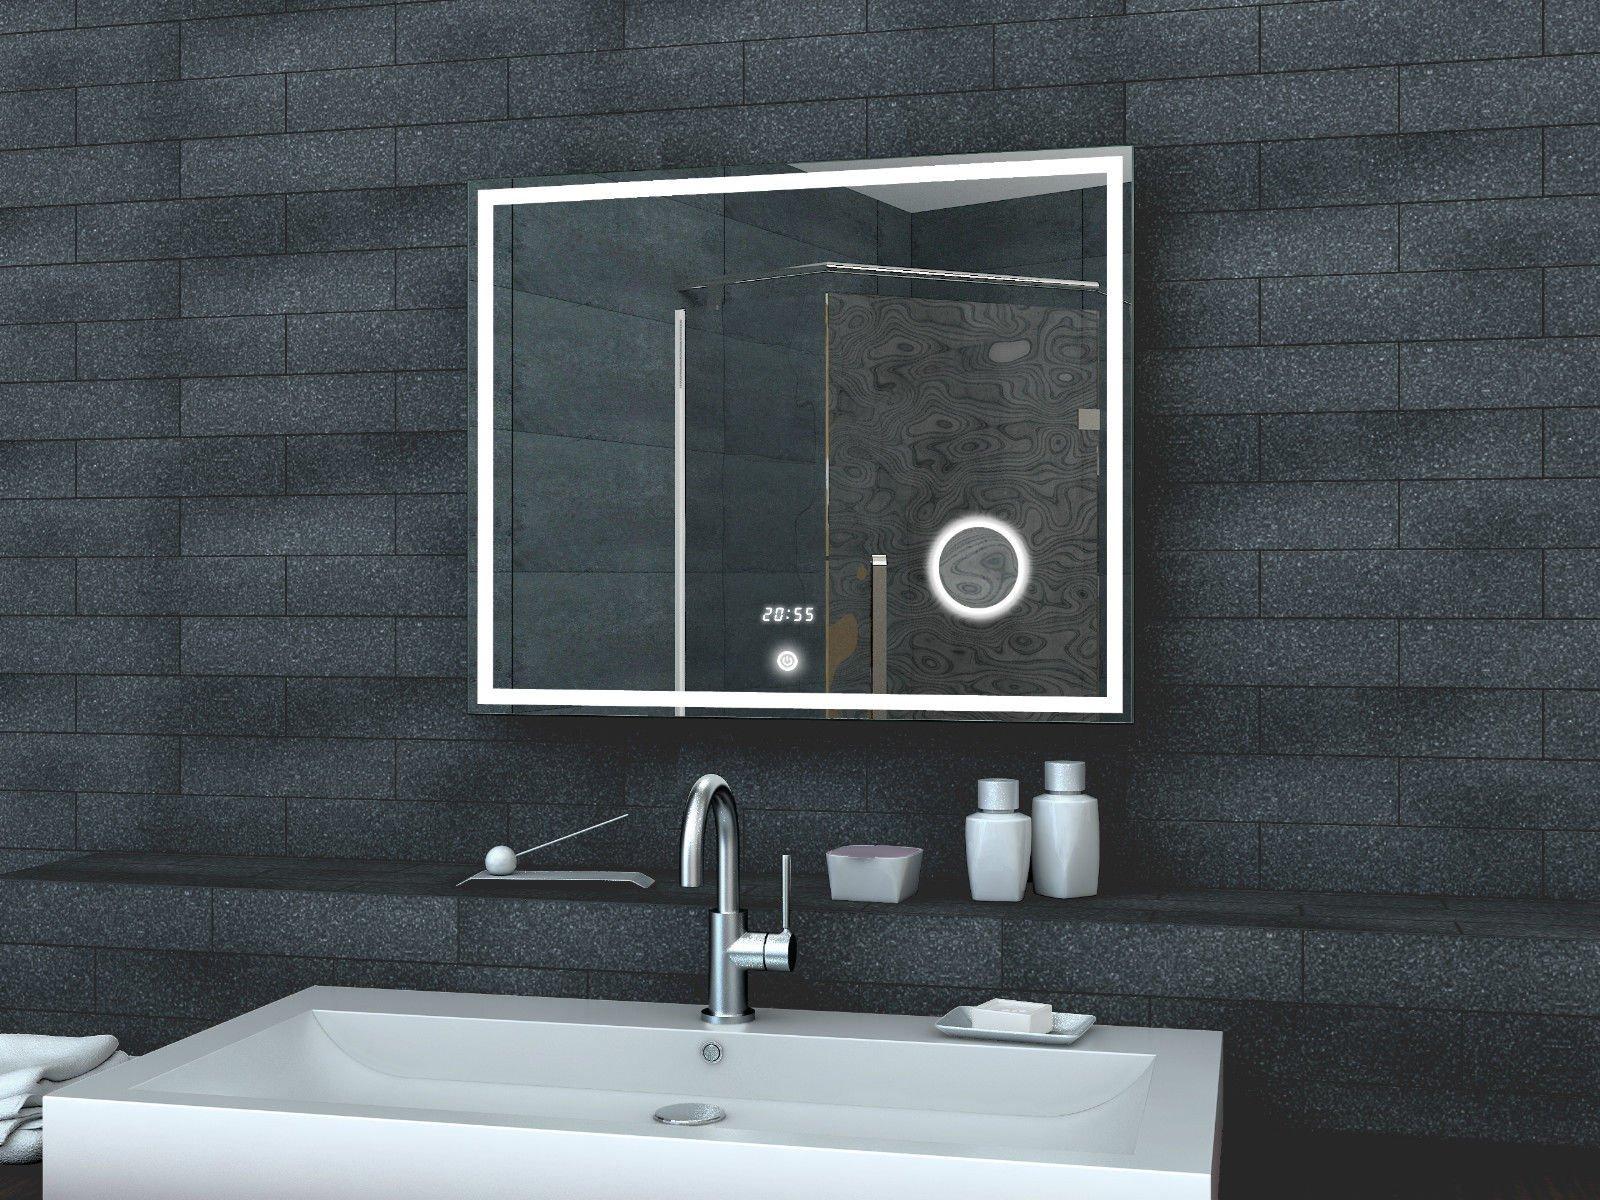 Spiegel Met Klok : Led spiegel met make up spiegel digitale klok en touch schakelaar